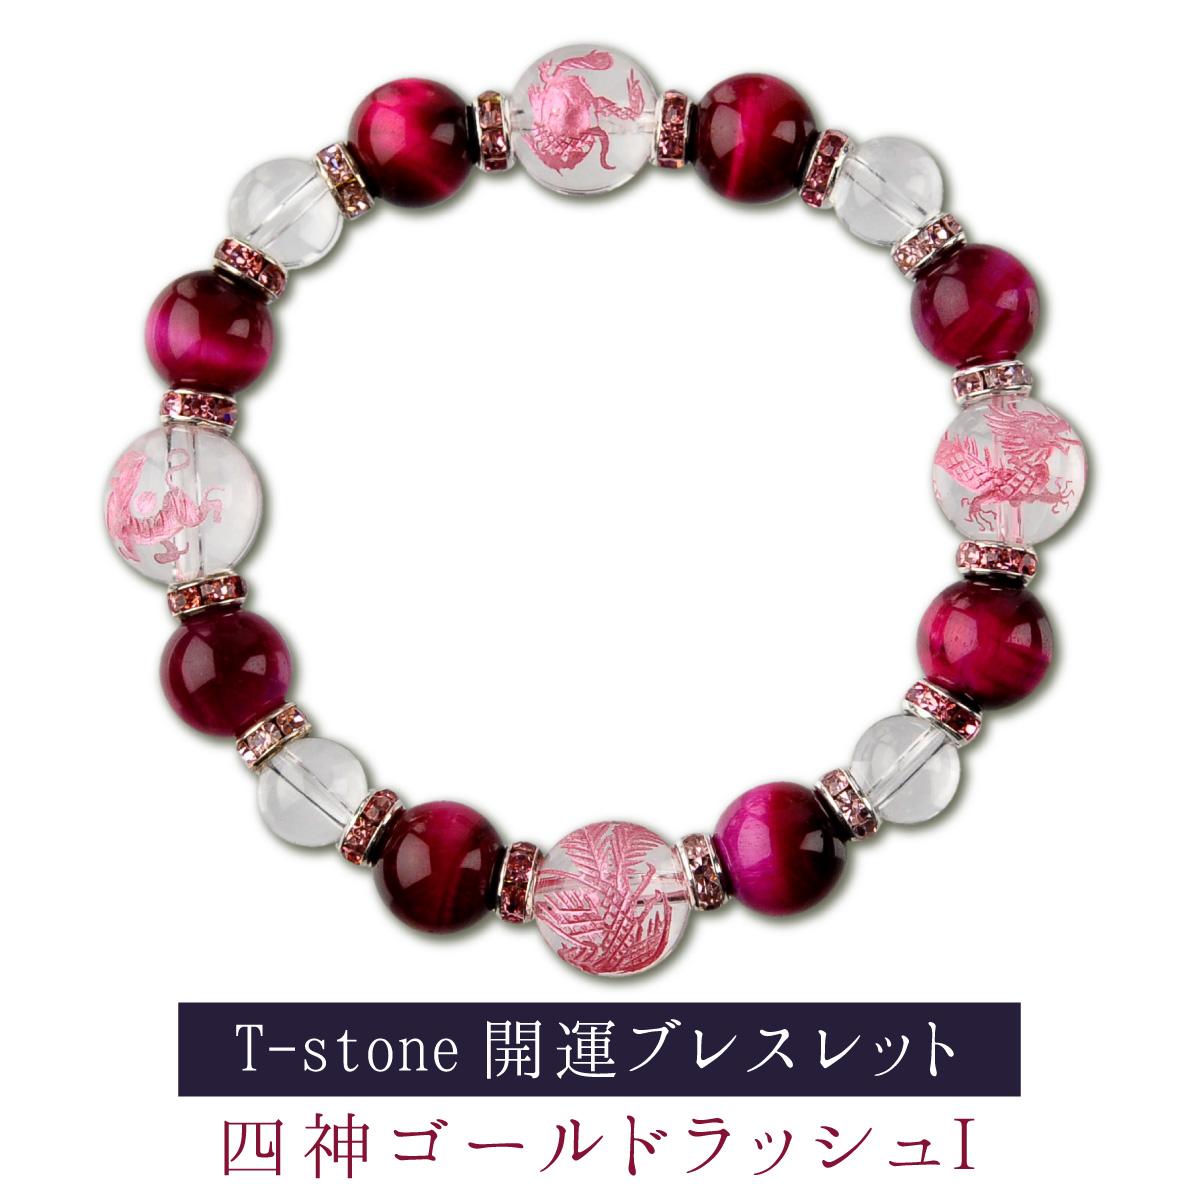 【T-stone】四神ゴールドラッシュ・ワン【オーダーメイドの開運ブレスレット→金運に!】